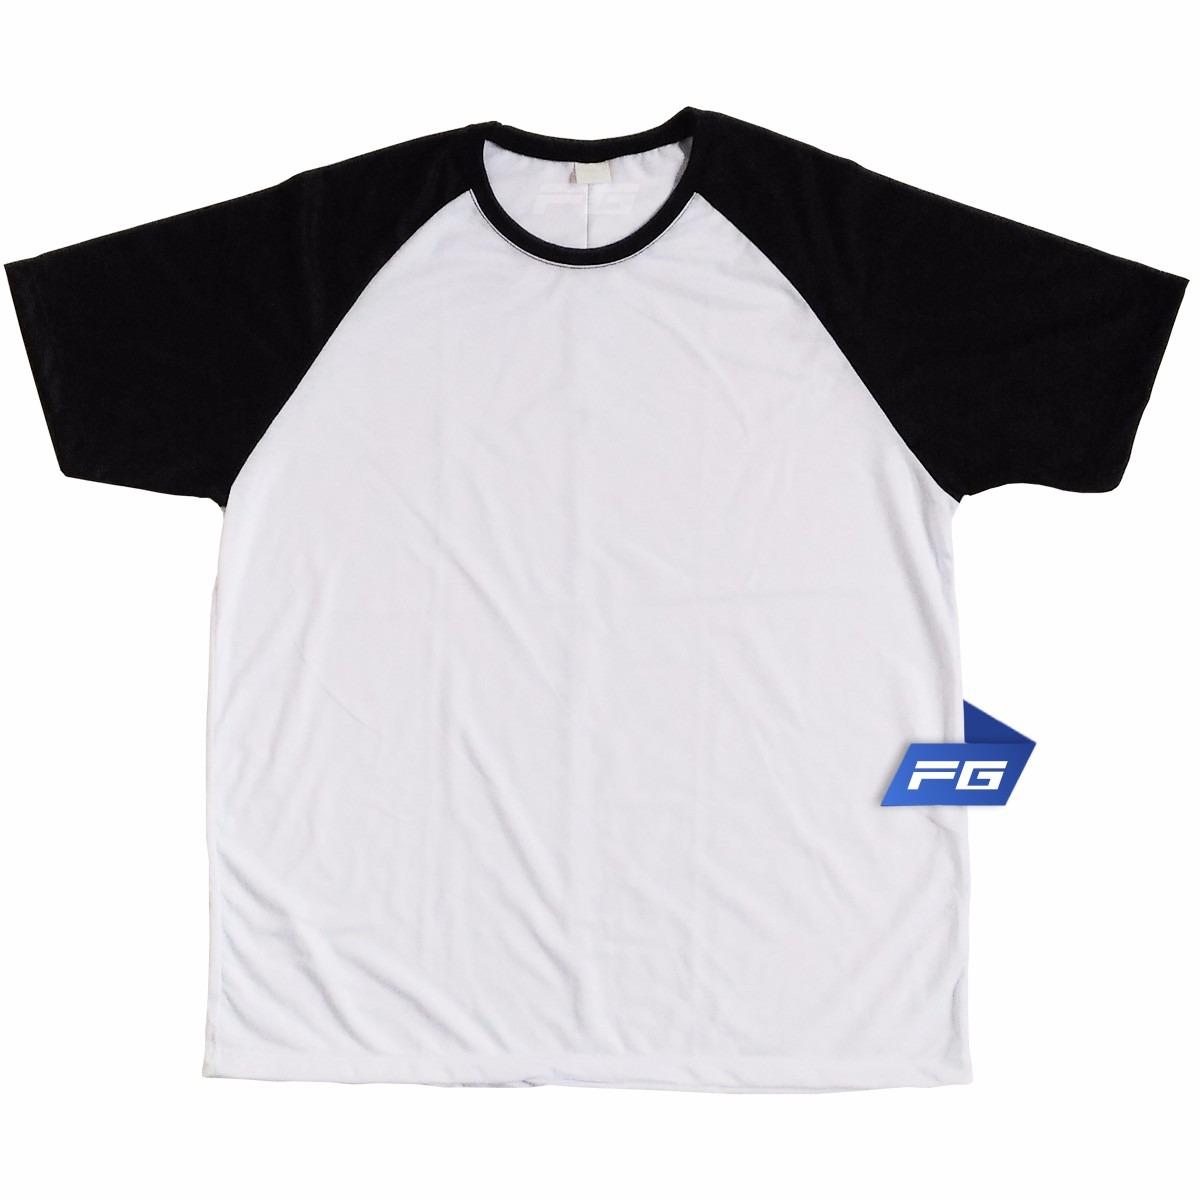 20be07fc3e camiseta raglan 100% poliéster p  sublimação sublimática. Carregando zoom.